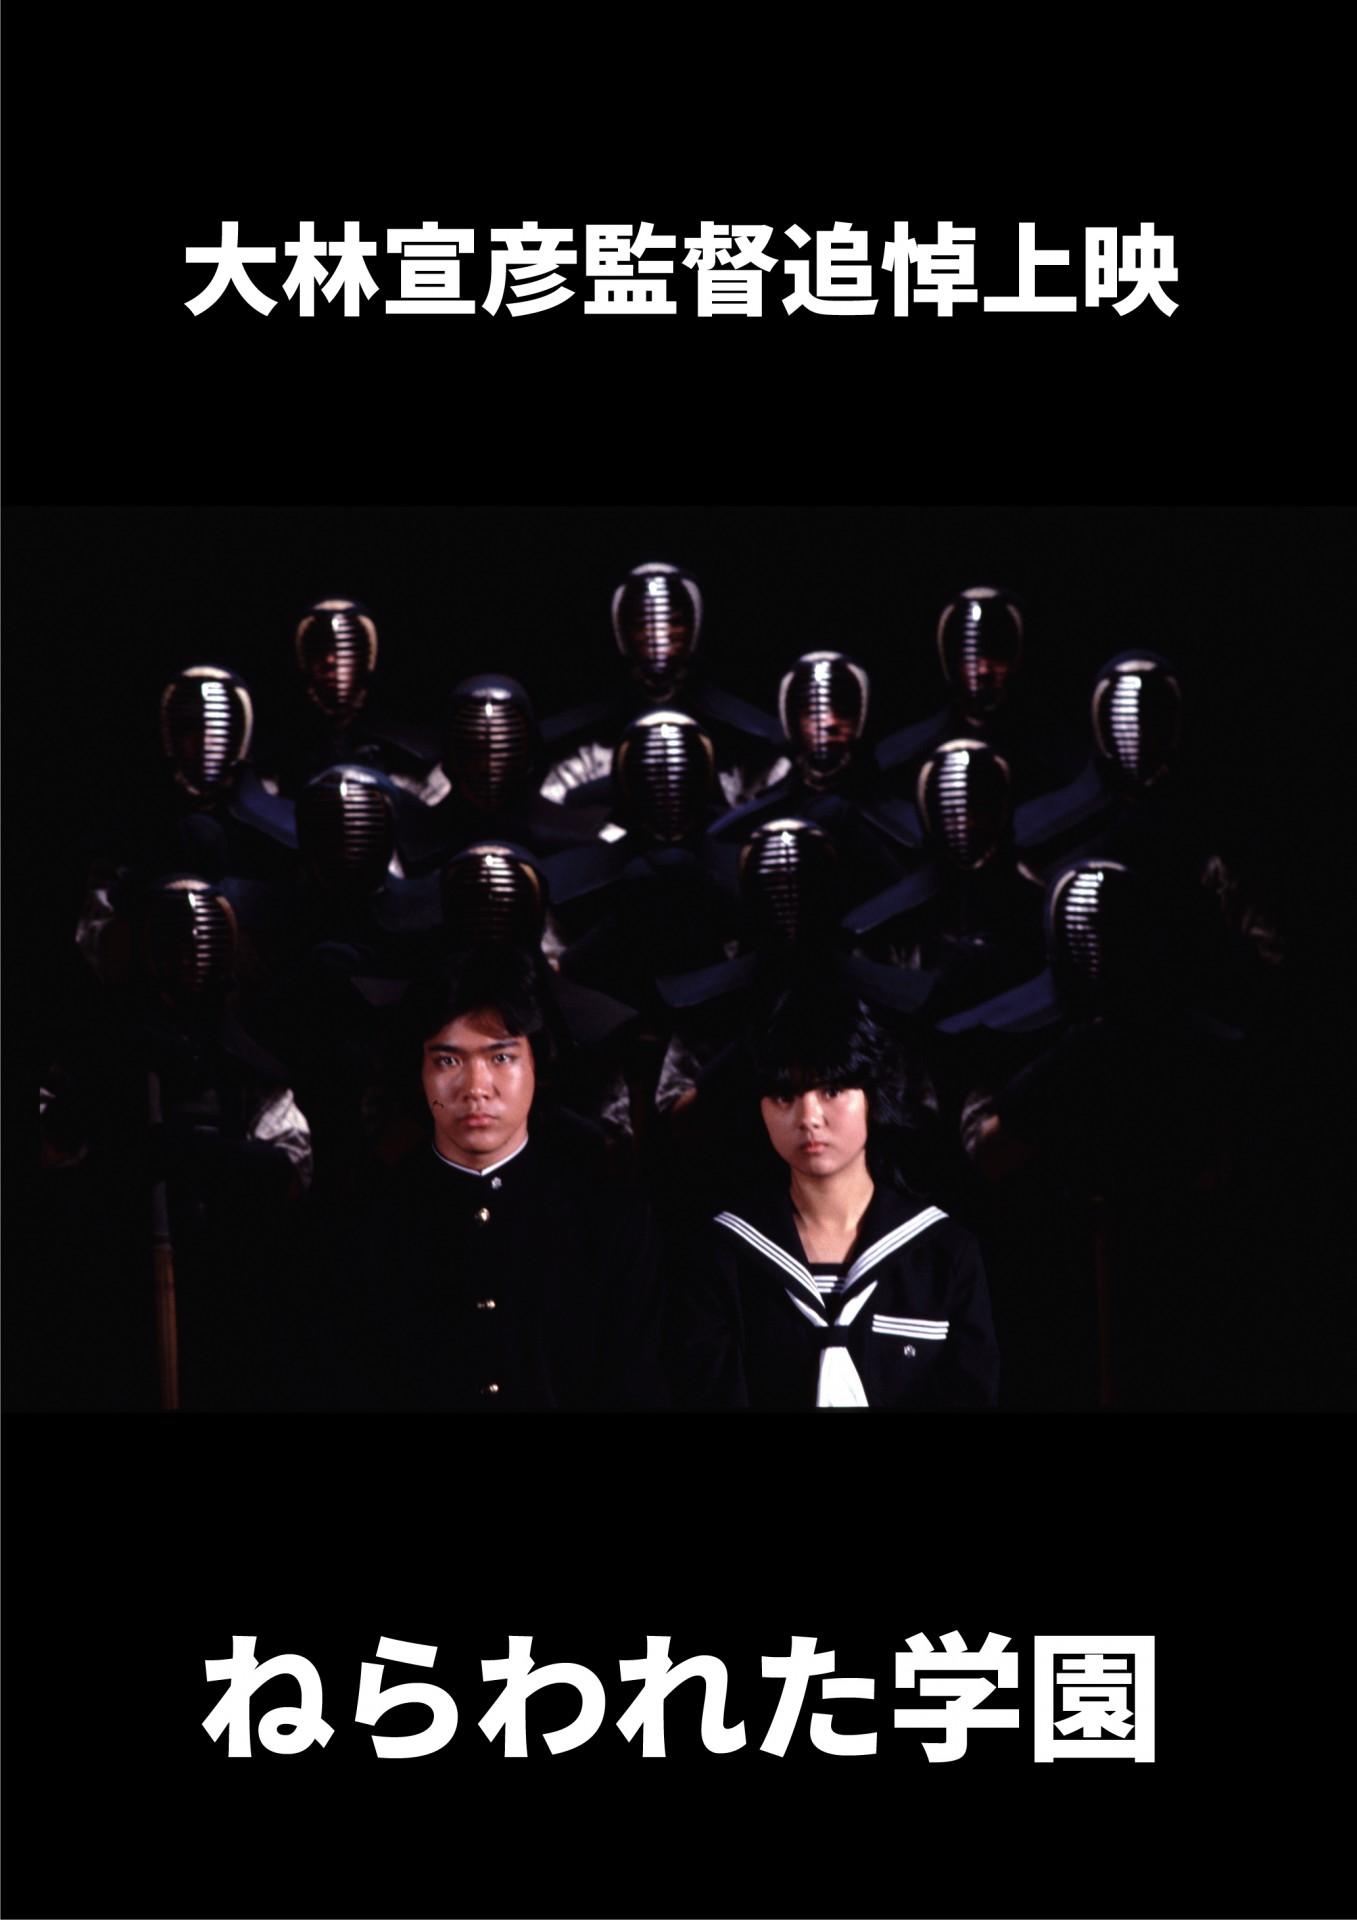 ねらわれた学園(1981)